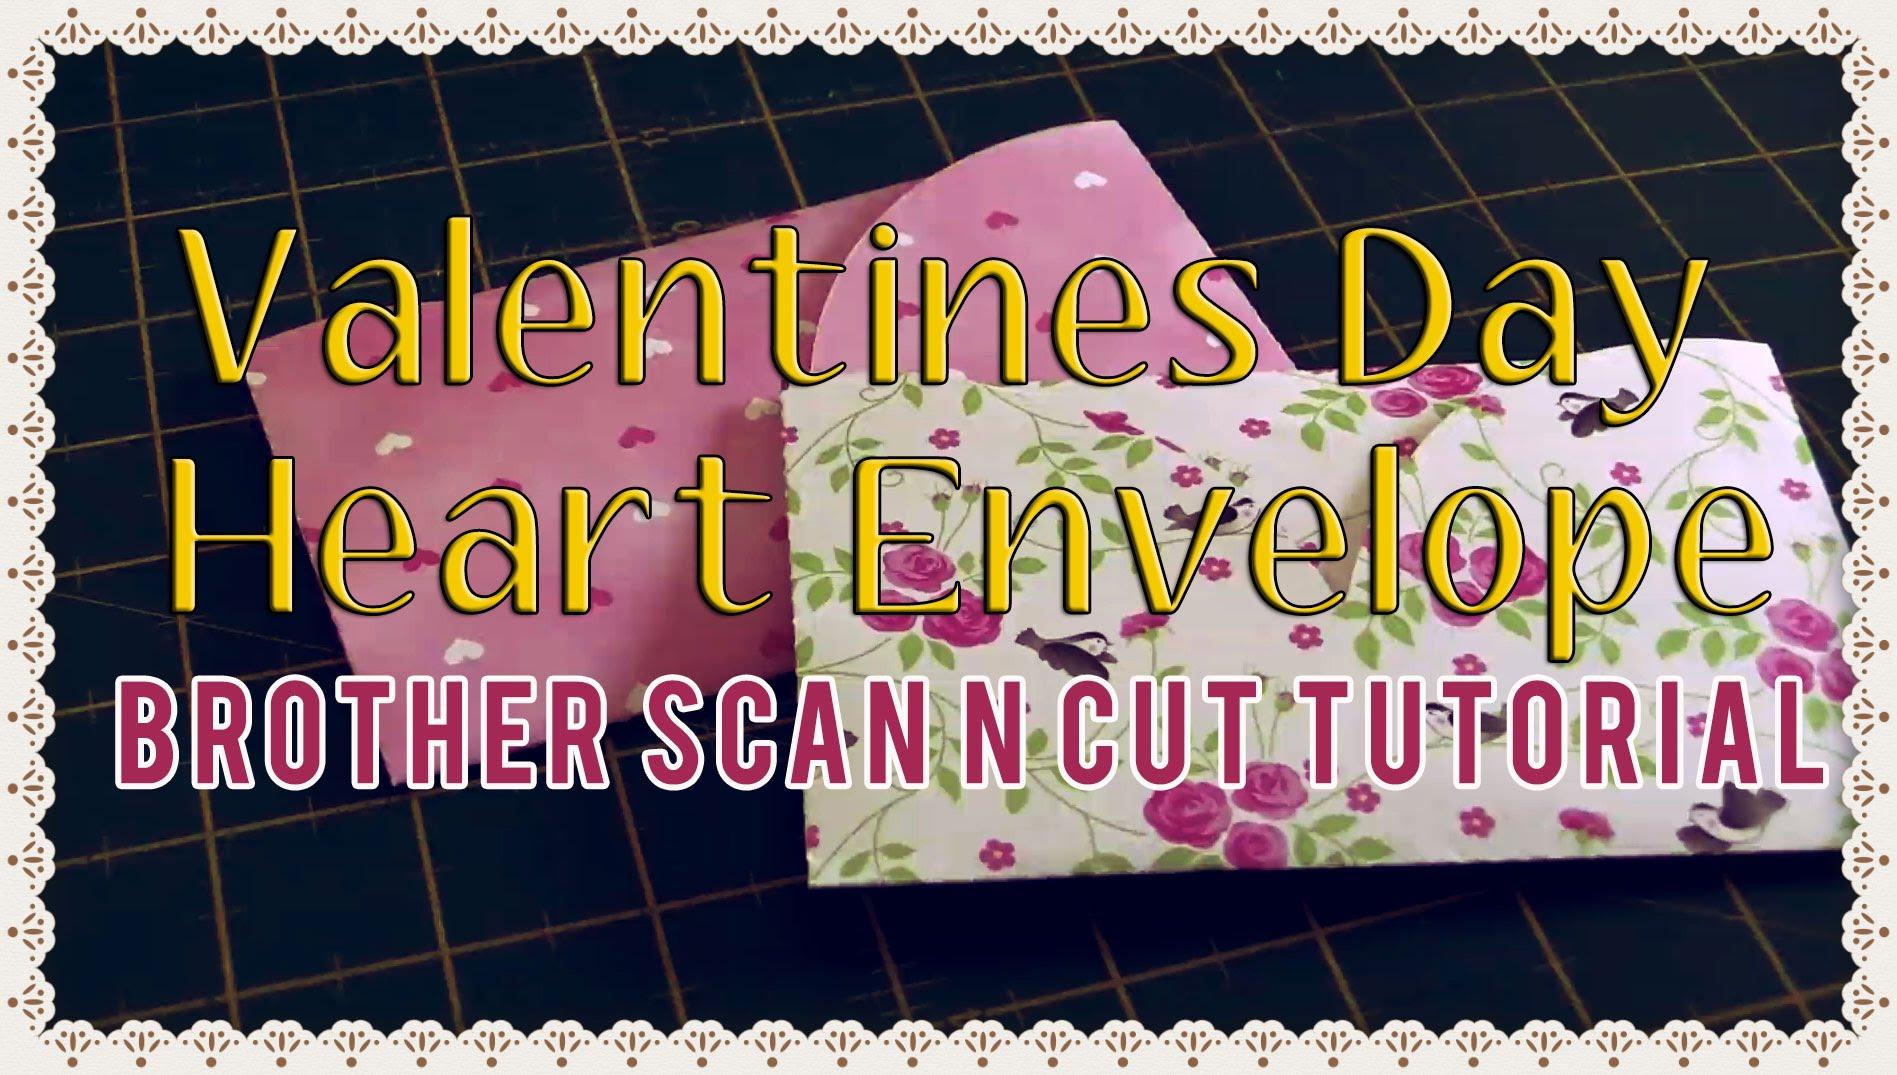 scanncut valentines day envelope tutorial